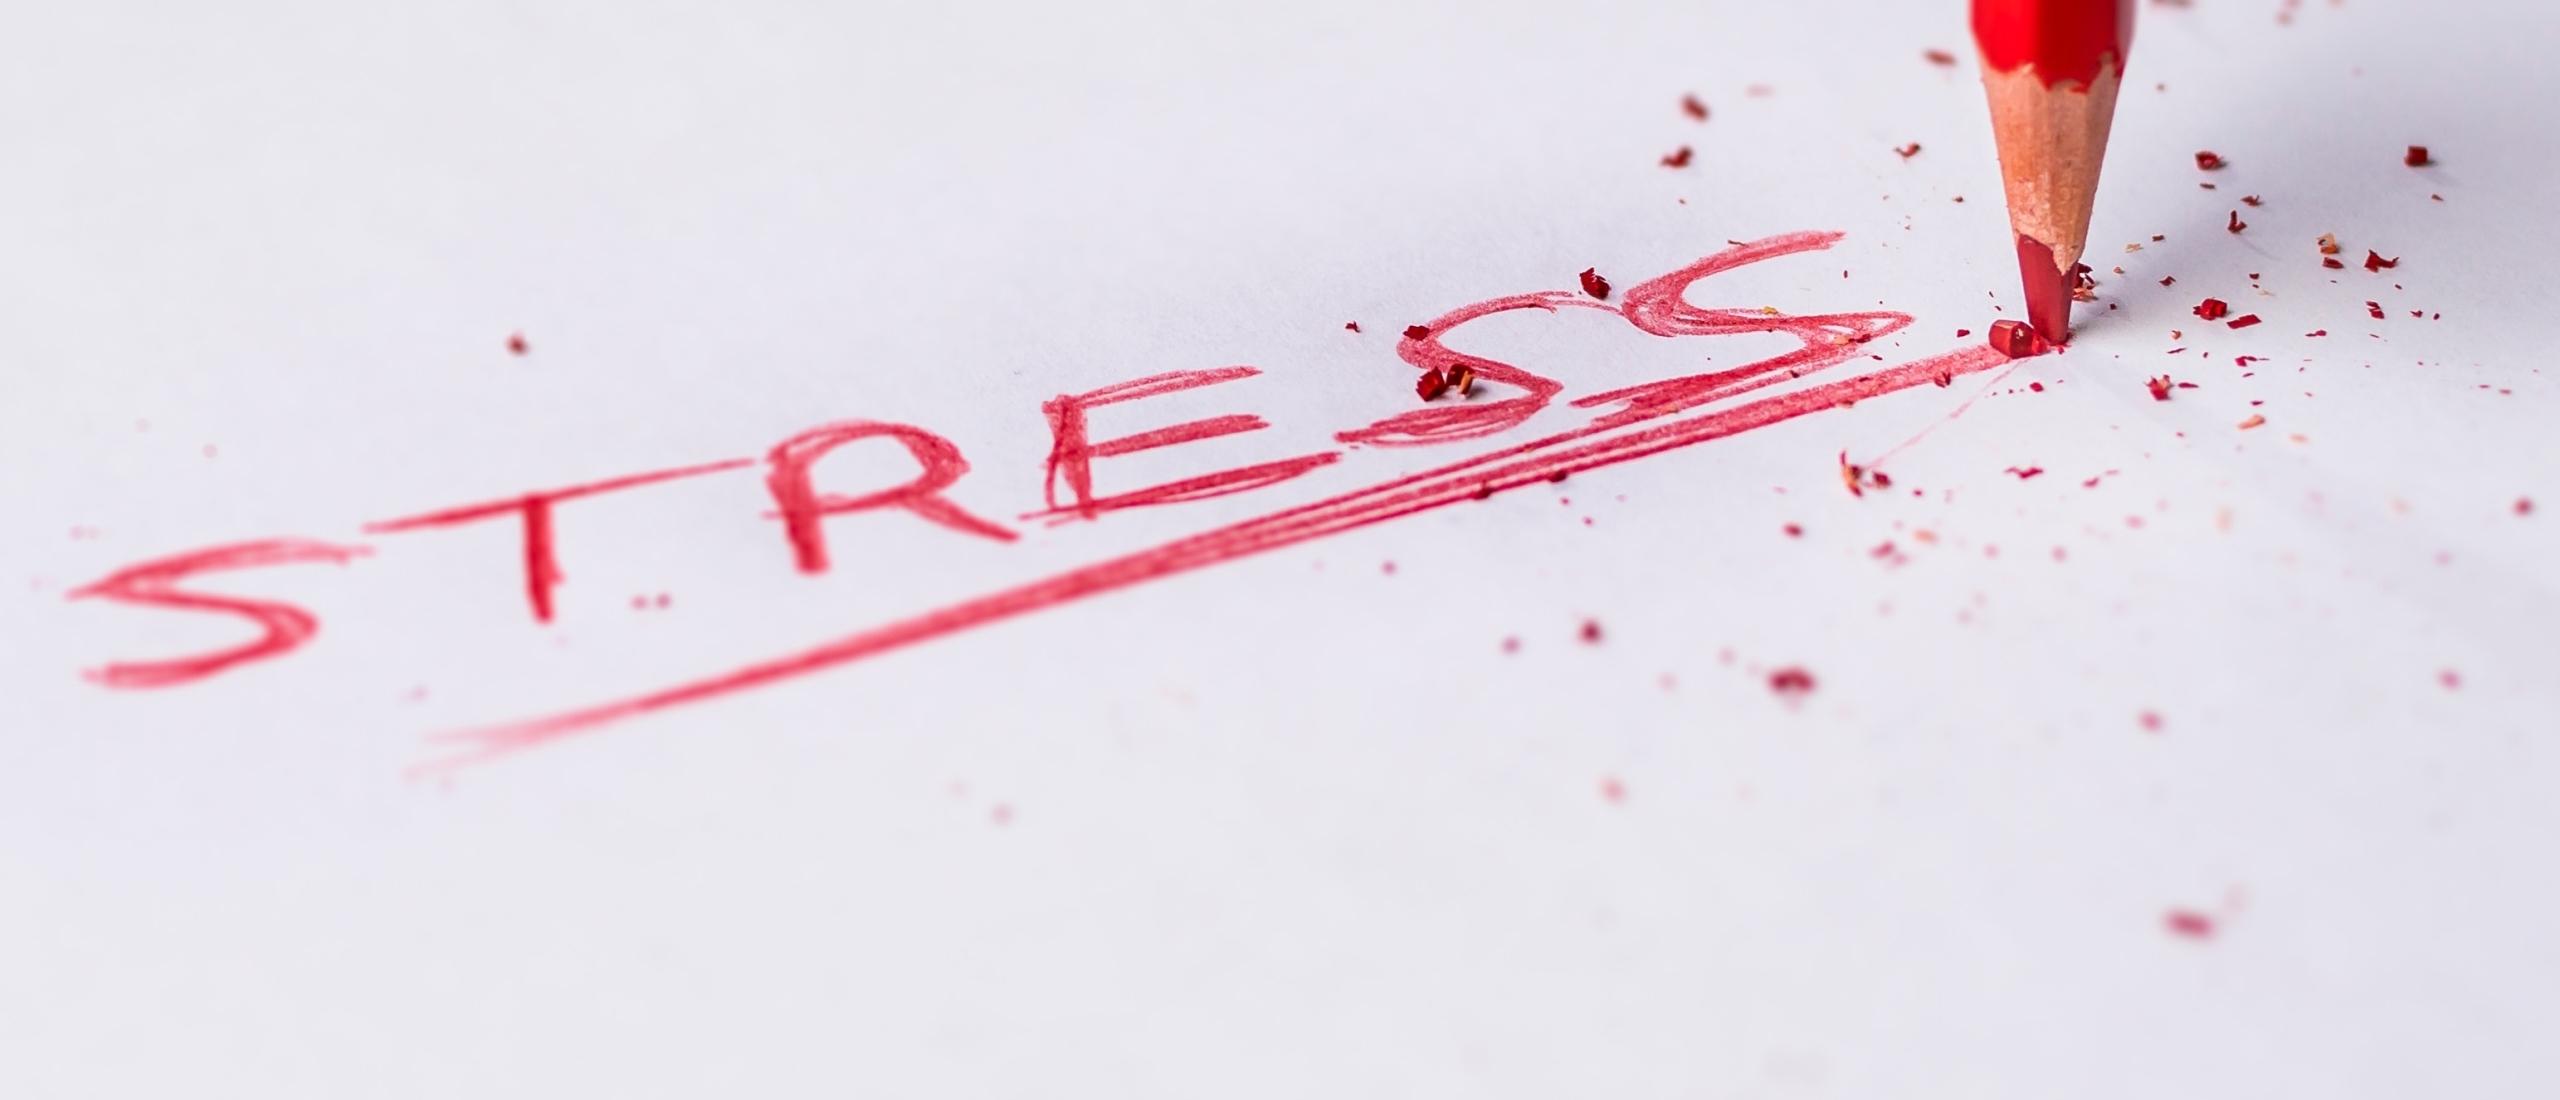 wat-zijn-stress-symptomen